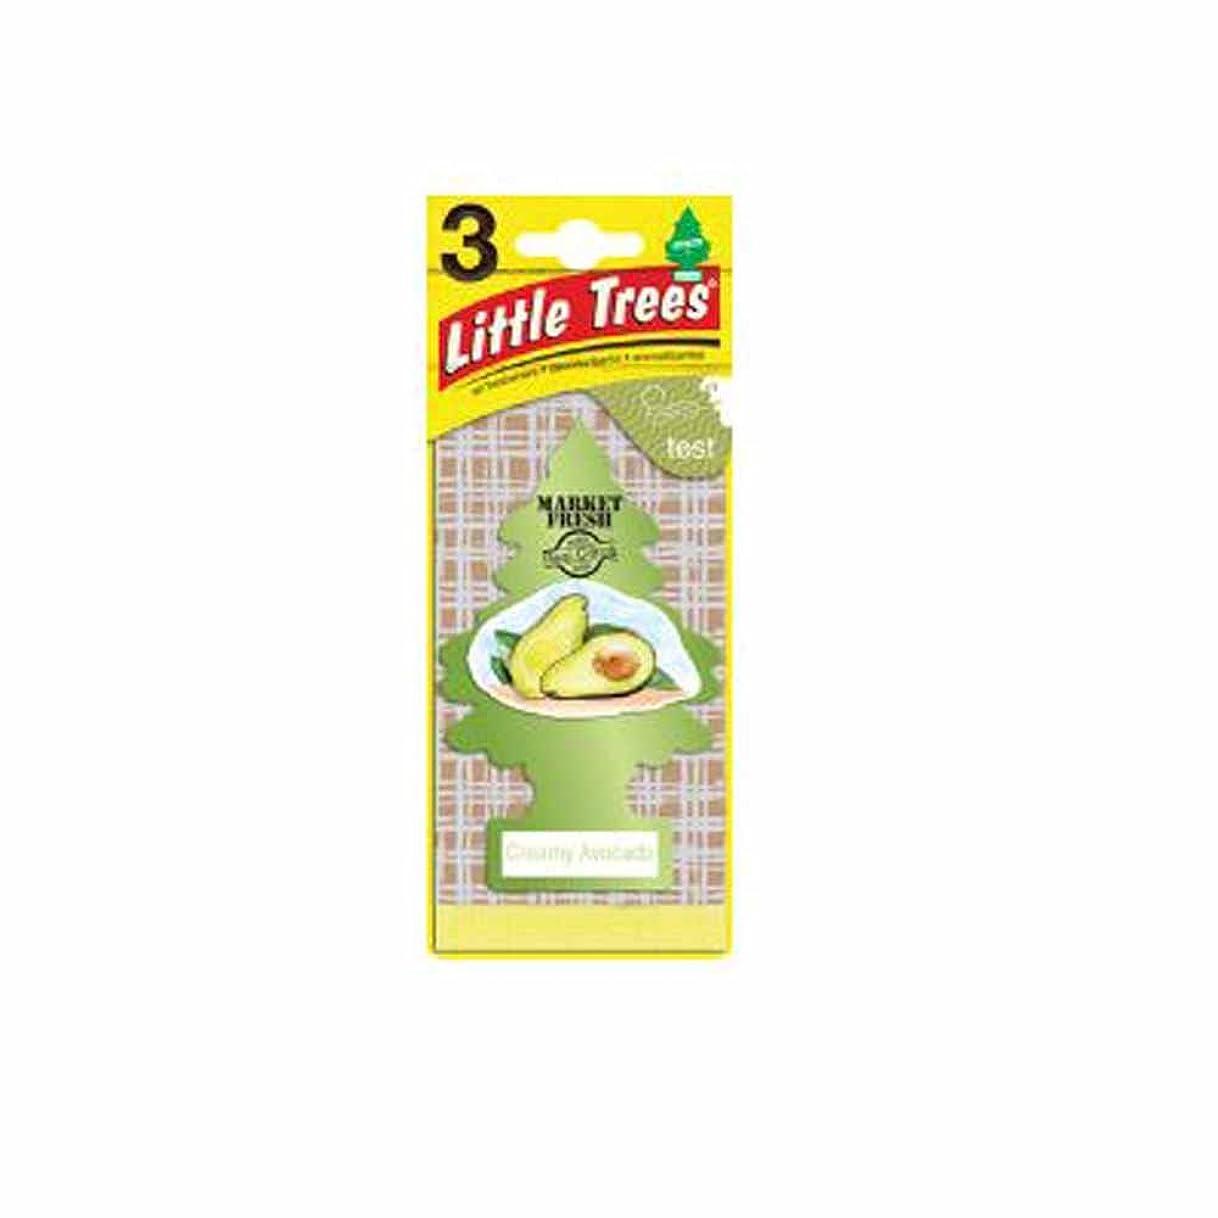 予測子ハント細部Little Trees 吊下げタイプ エアーフレッシュナー creamy avocado(クリーミーアボカド) 3枚セット(3P) U3S-37340